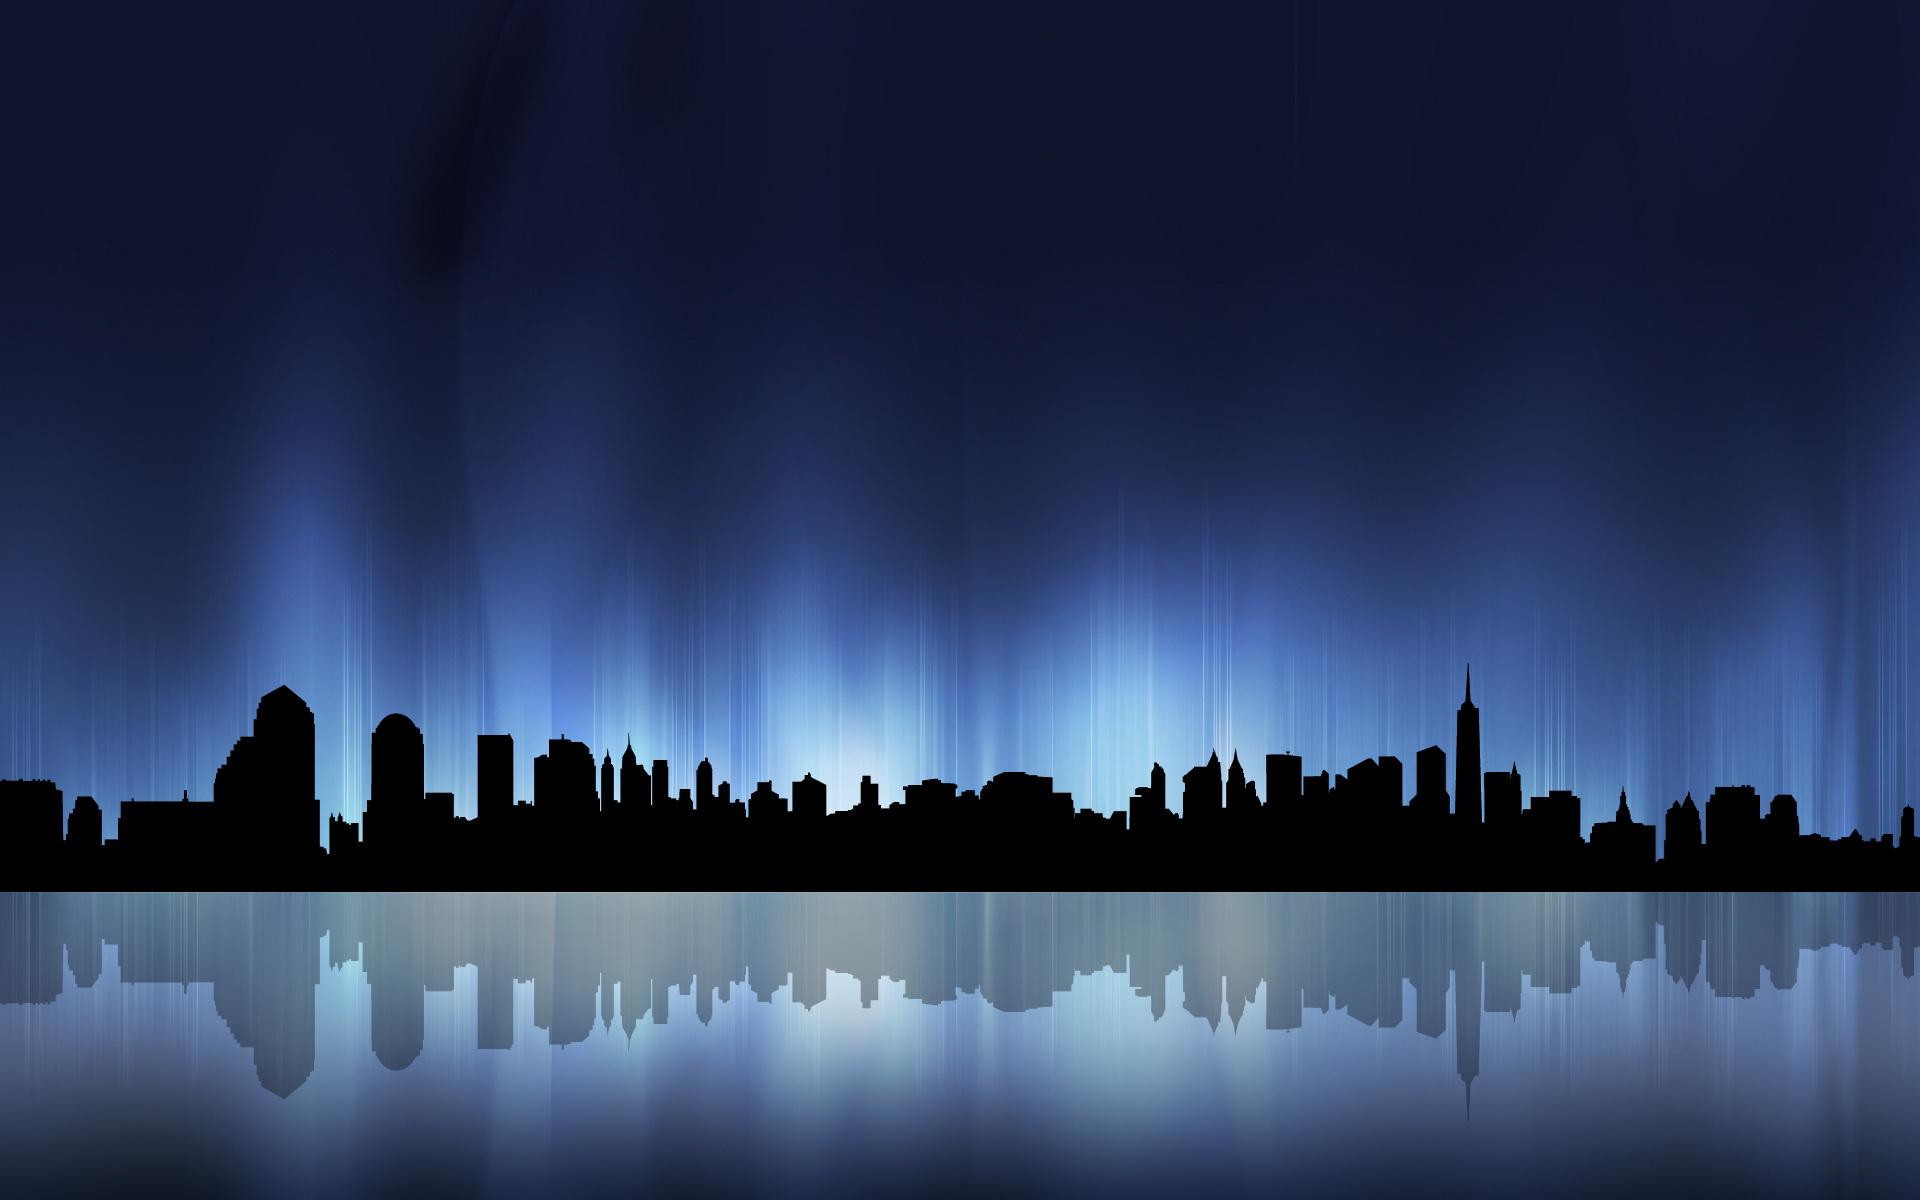 такому город тени картинка все больше расширяет